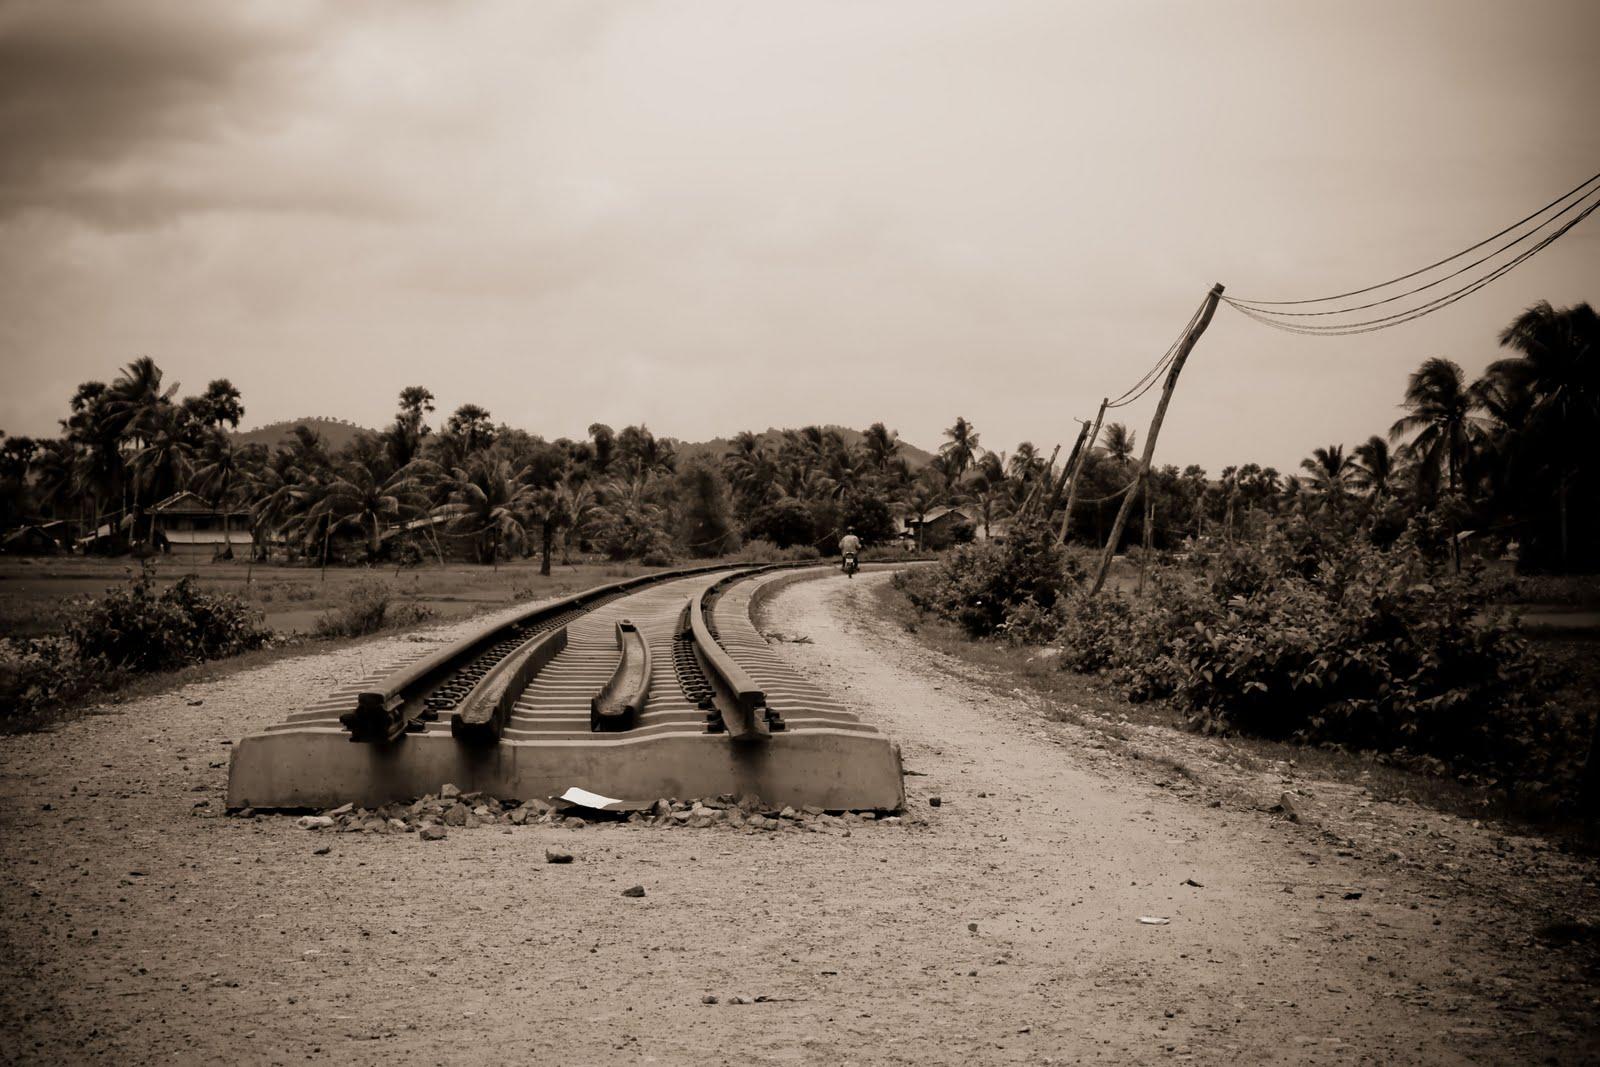 http://4.bp.blogspot.com/_PgemXVS80cI/THPdZVqRXTI/AAAAAAAABQA/IEZn1ceiQCw/s1600/Edited+train+track.jpg